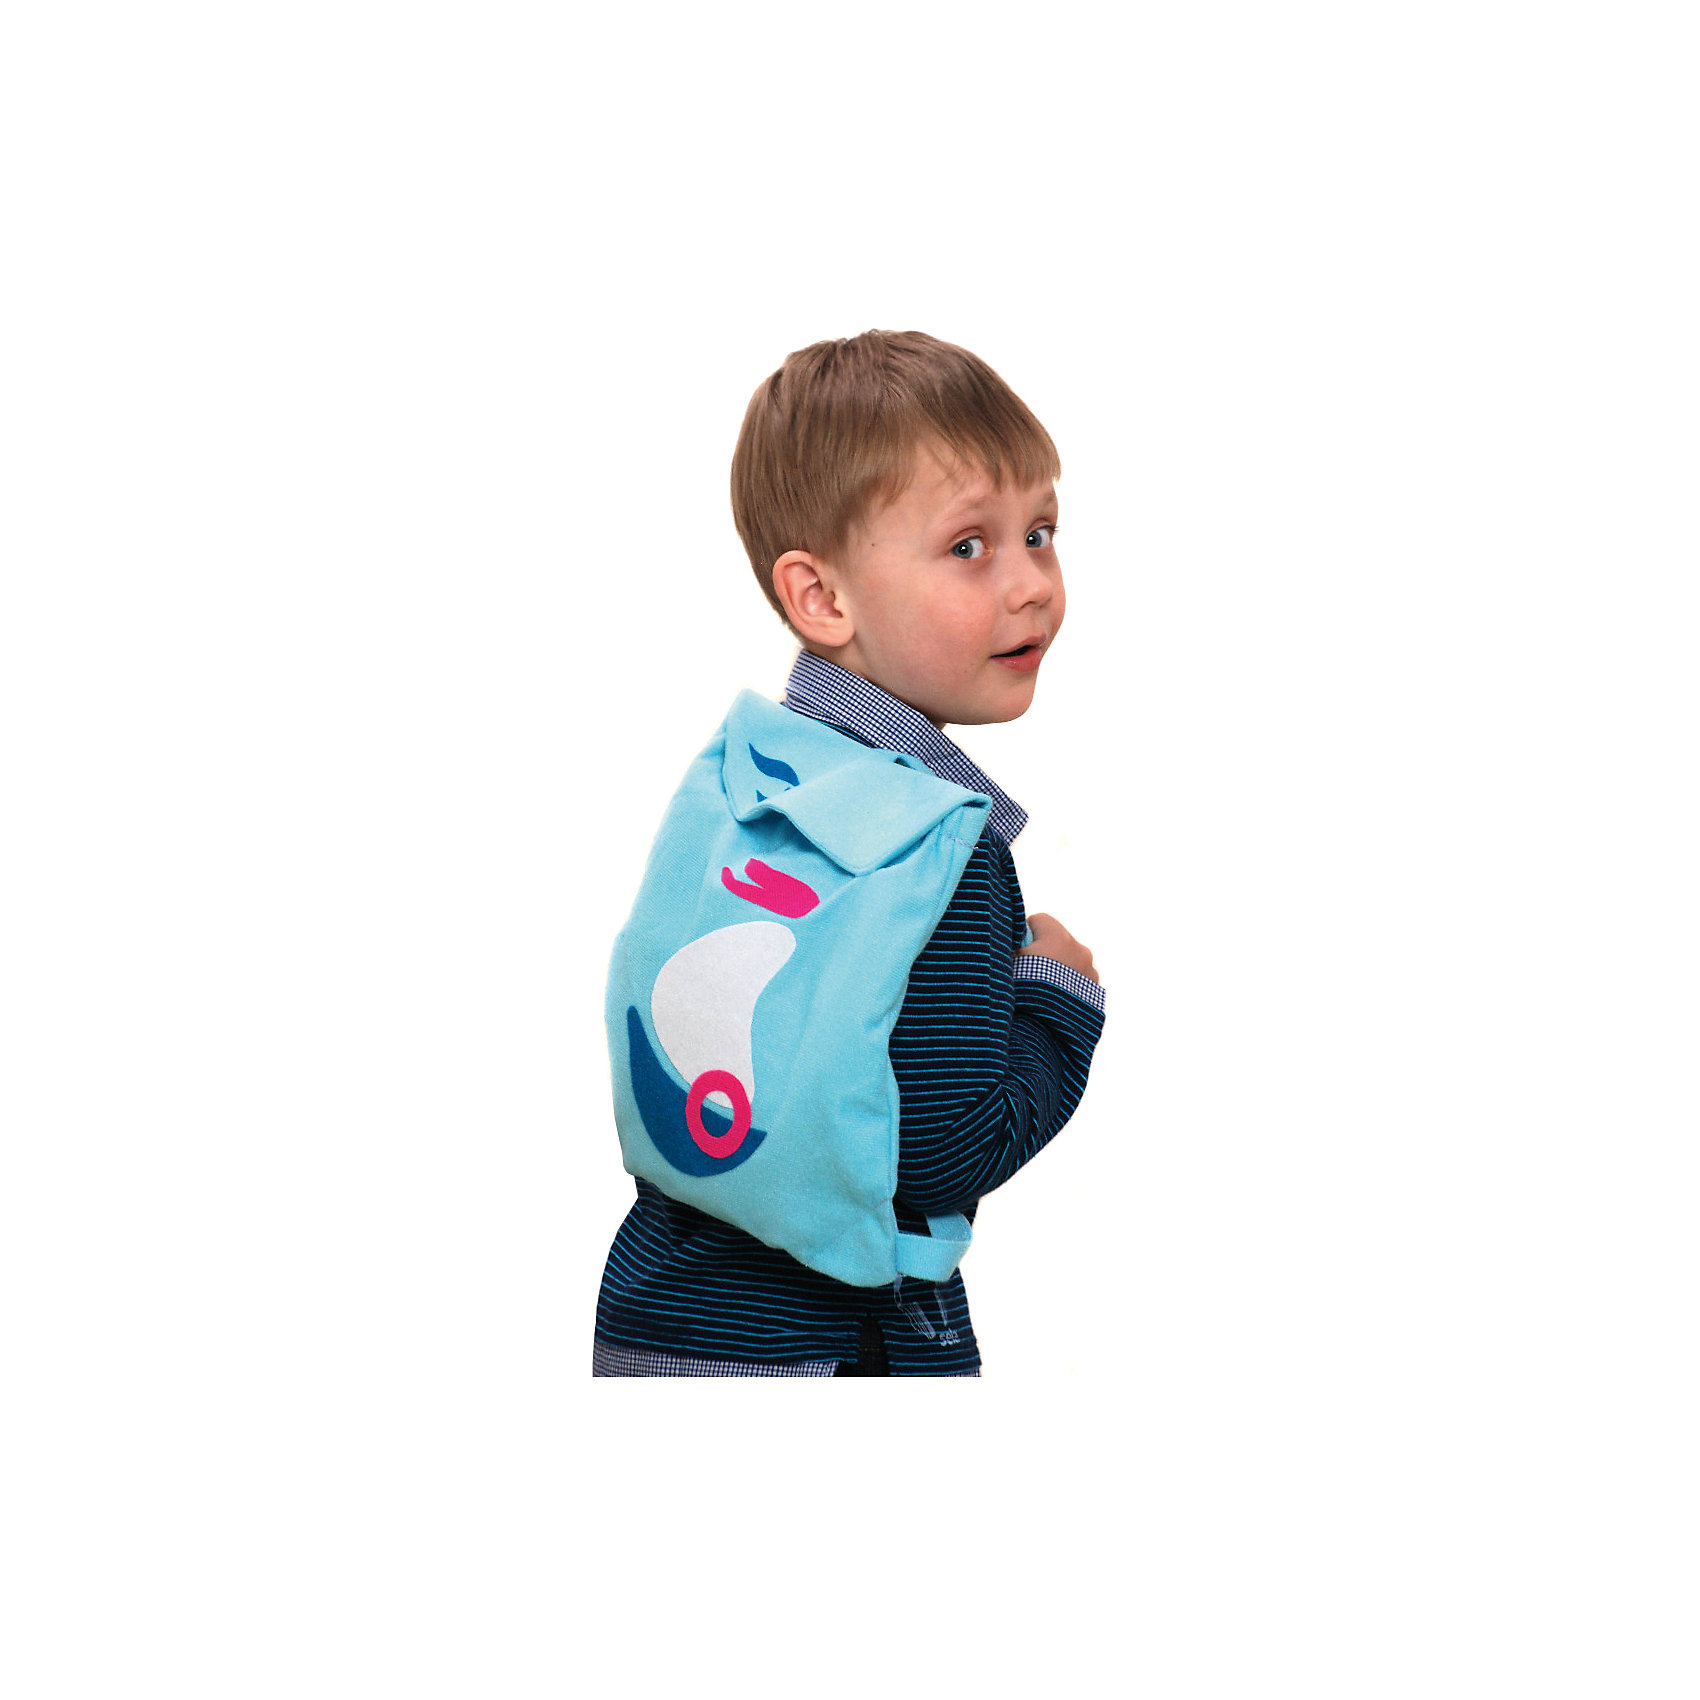 Стигис-аппликация Рюкзак детский, голубойС помощью набора для стигис-аппликации ребенок сможет создать себе уникальный рюкзачок с собственным дизайном.  Для создания красивой аппликации нужно  лишь придумать желаемый рисунок, нарисовать его на stigis-ткани, вырезать, приложить к рюкзаку и прогладить утюгом. Если готовая аппликация не понравилась, ее можно легко удалить, прогладив утюгом еще раз. Все материалы гипоаллергенны и безопасны. Такое творчество развивает усидчивость, аккуратность и дизайнерские способности ребенка. Прекрасный выбор для начинающих дизайнеров!<br><br>Дополнительная информация:<br>В комплекте: рюкзачок, stigis-ткань, выкройки, инструкция<br>Цвет: голубой<br>Размер: 3,5х27х20 см<br>Вес: 120 грамм<br>Набор для стигис-аппликации Рюкзачок можно приобрести в нашем интернет-магазине.<br><br>Ширина мм: 200<br>Глубина мм: 270<br>Высота мм: 35<br>Вес г: 120<br>Возраст от месяцев: 36<br>Возраст до месяцев: 72<br>Пол: Унисекс<br>Возраст: Детский<br>SKU: 4939434